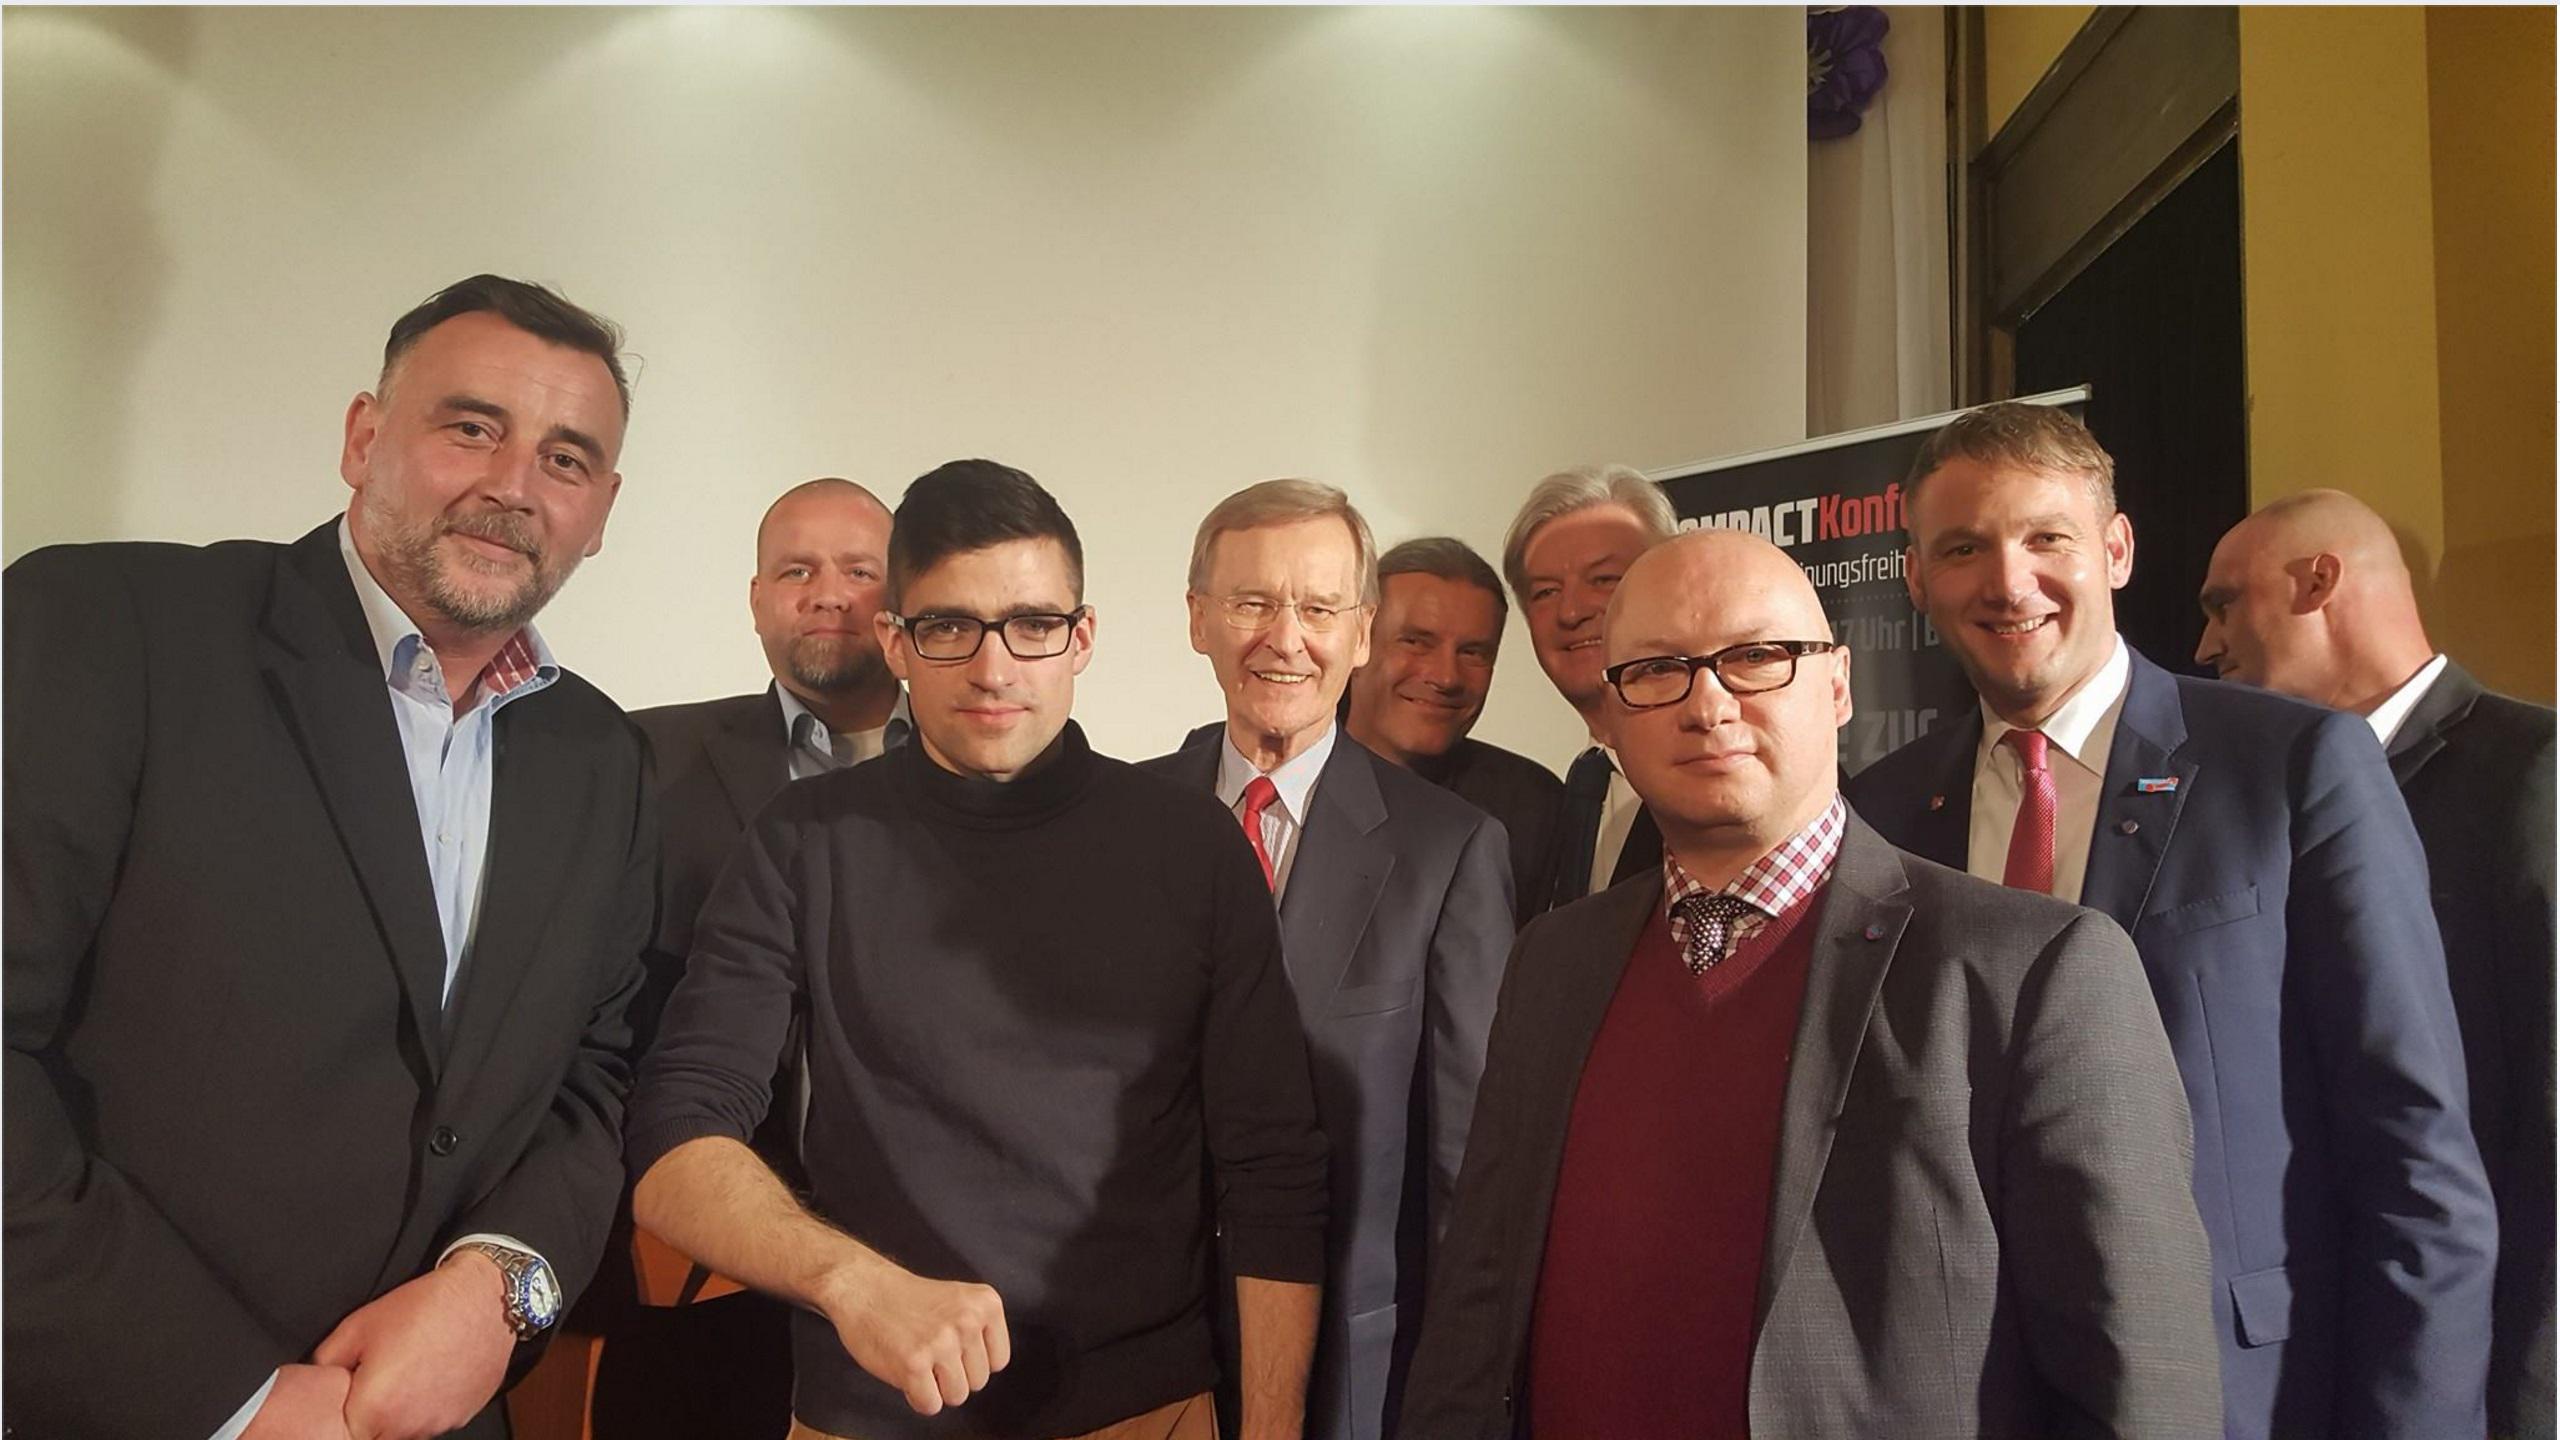 bachmann_sellner_poggenburg_kirchner